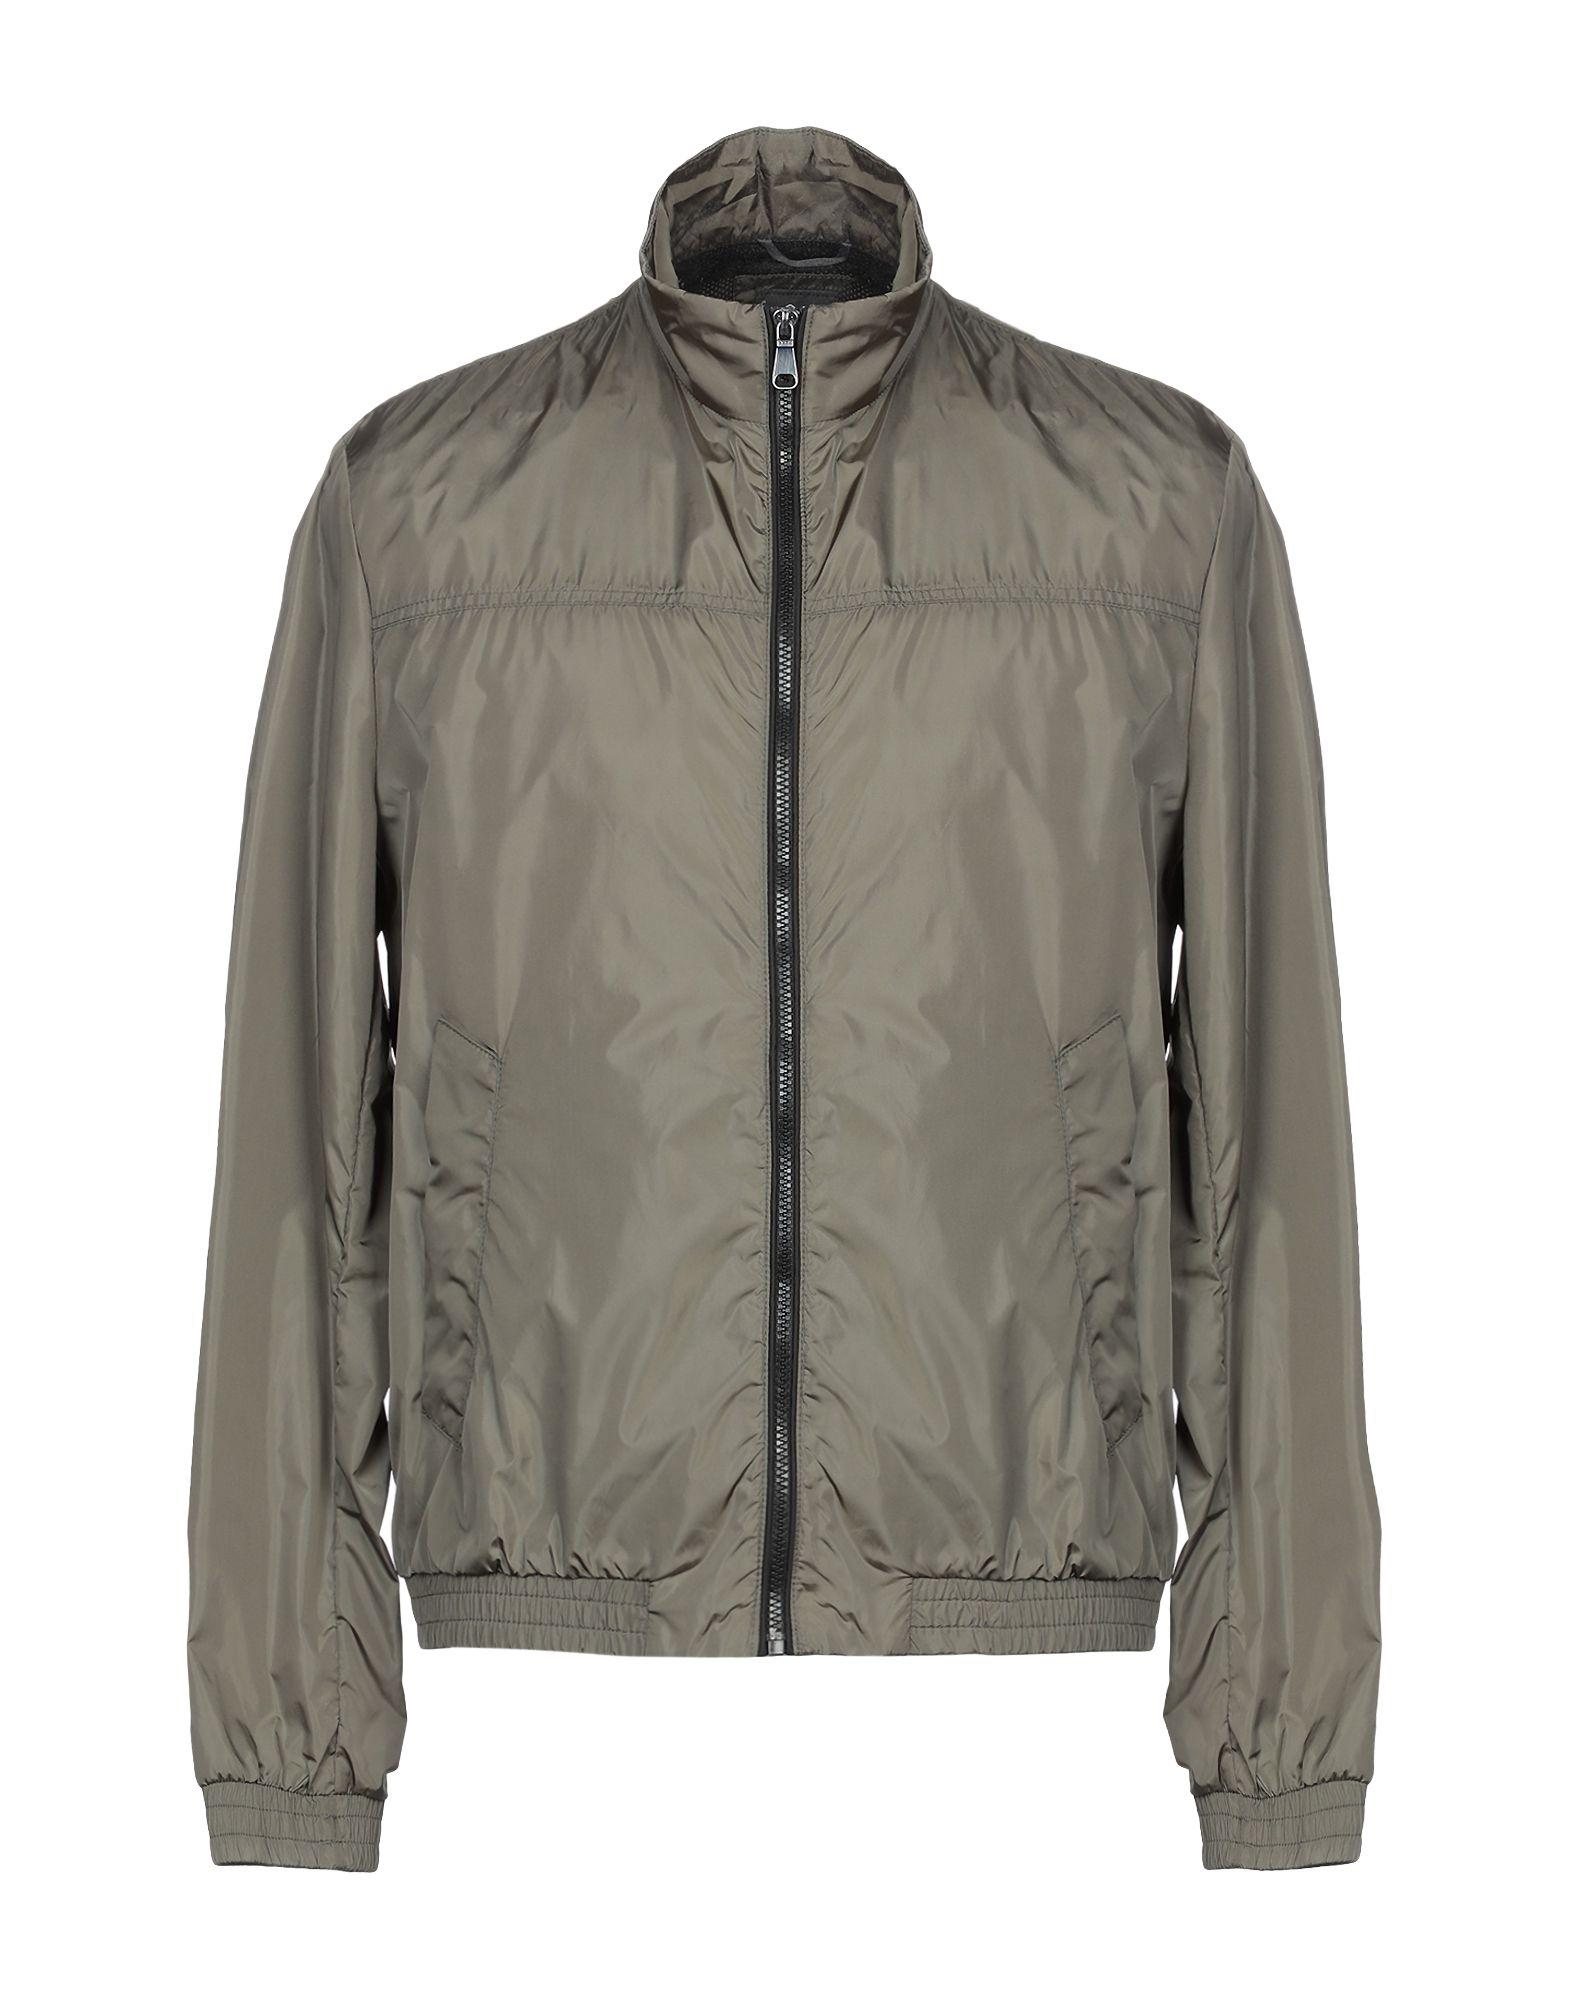 купить куртку мужскую утепленную в интернет магазине